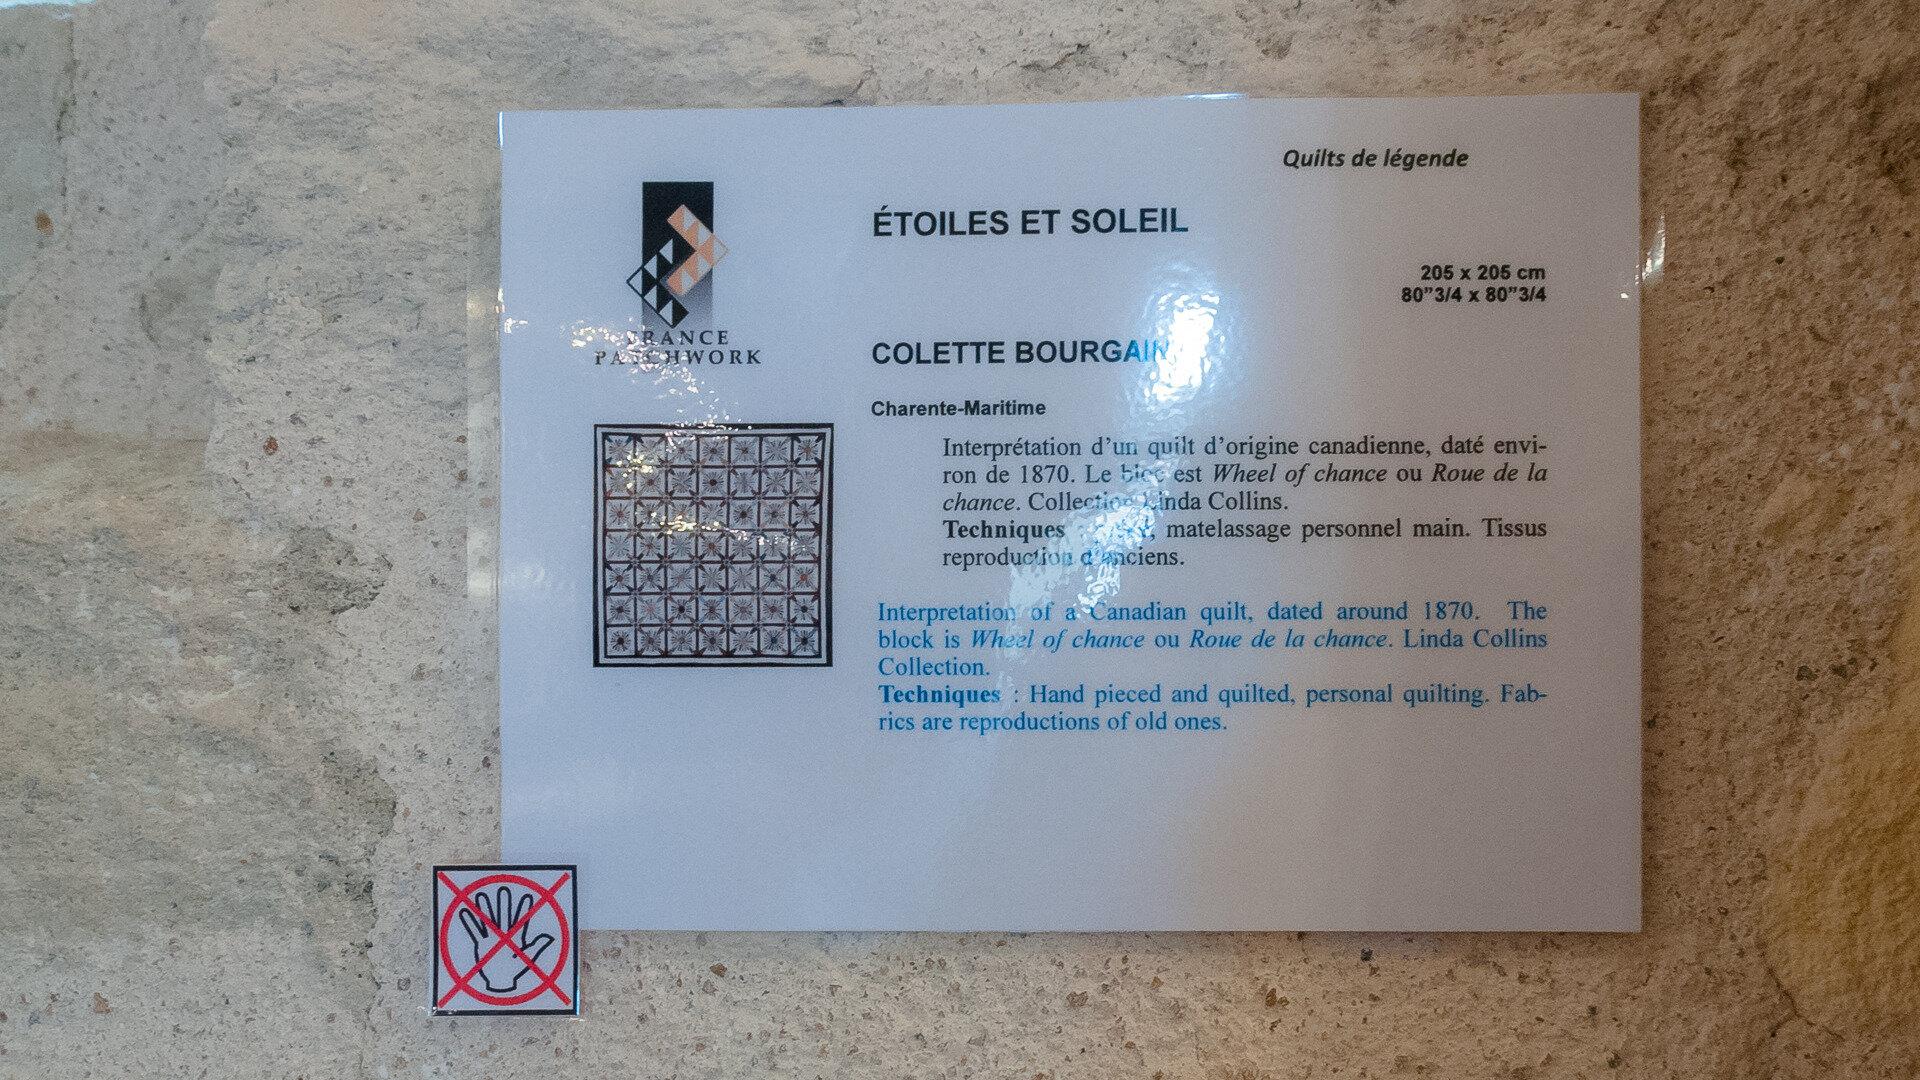 2019-04-22_14-14-29-Quilt de légende-Colette BOURGAIN-ÉTOILES ET SOLEIL